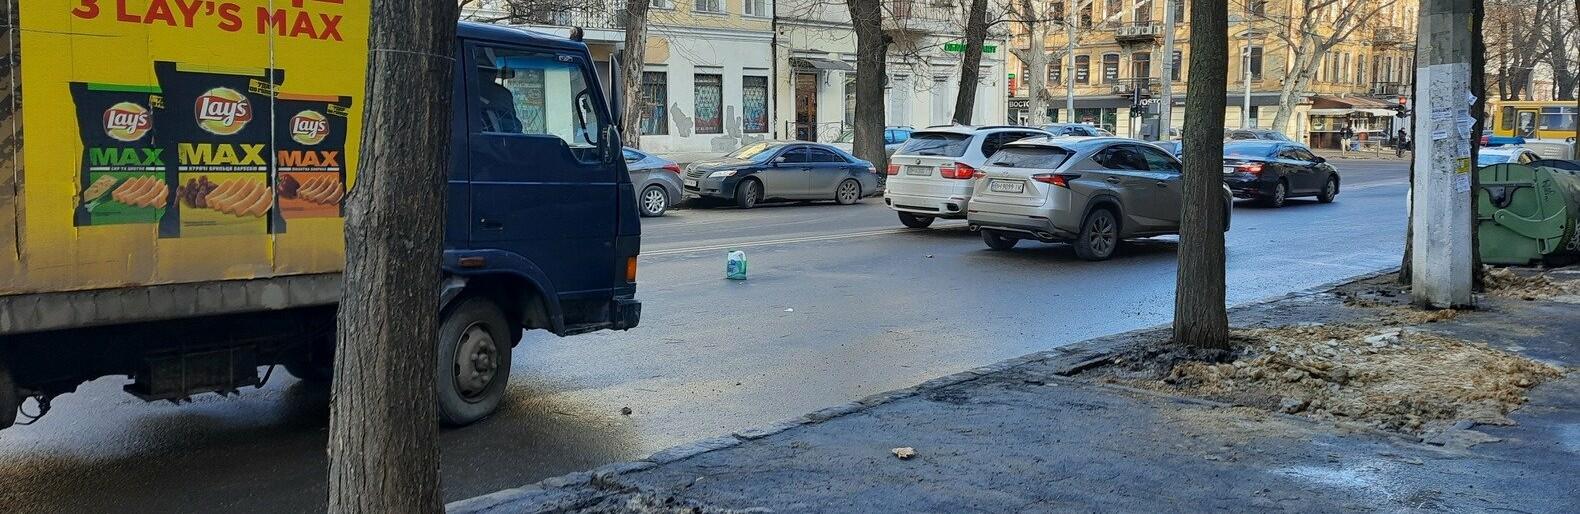 В Одессе грузовиком столкнулся с Lexus: осложнено движение, - ФОТО0